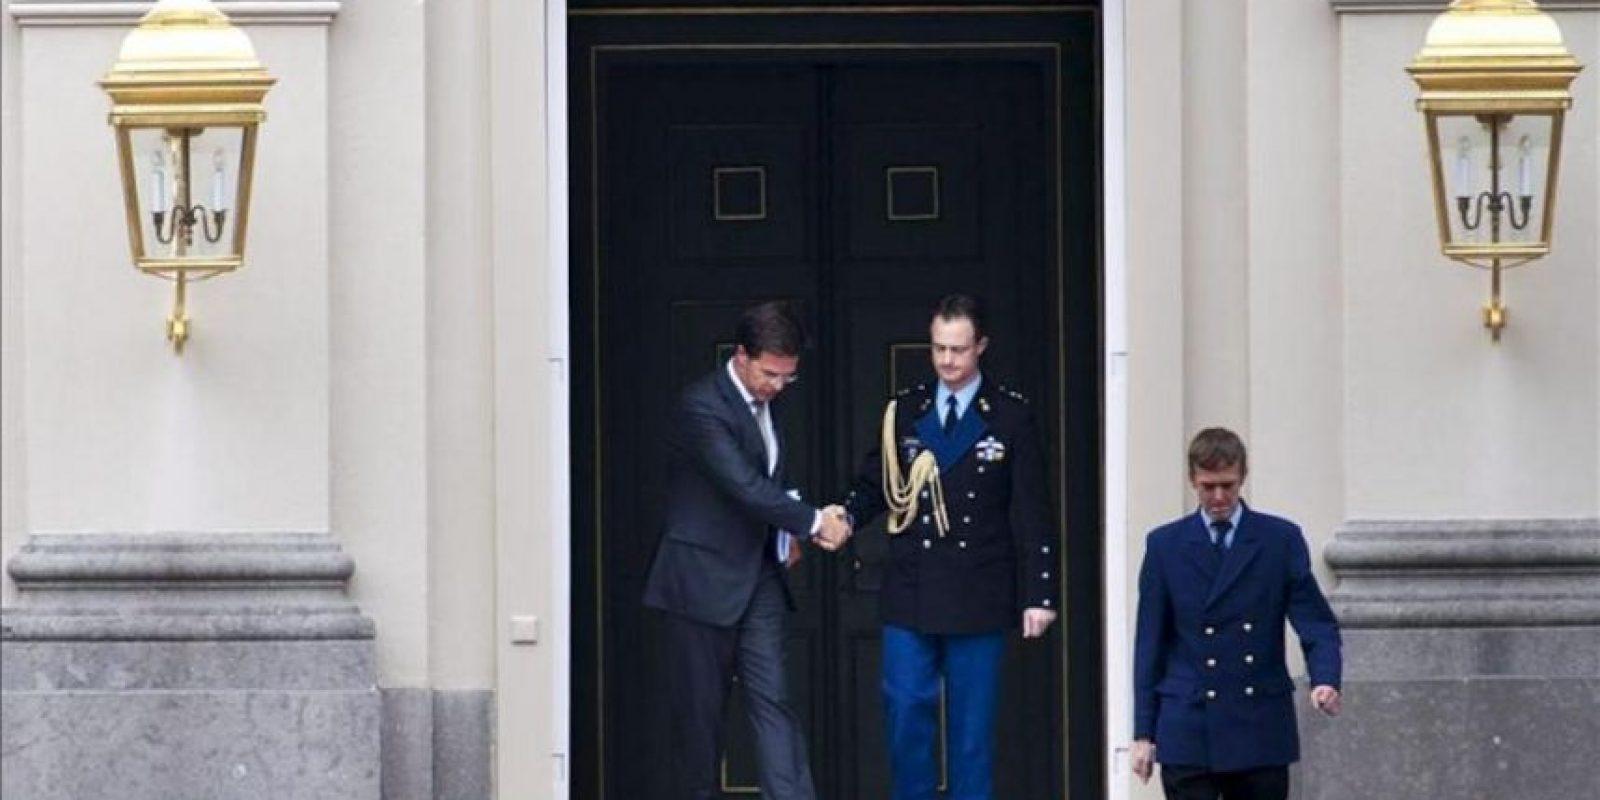 El primer ministro holandés, Mark Rutte (i) a su salida del palacio real de Huis ten Bosch en La Haya, Holanda hoy 23 de Abril de 2012 donde presentó su dimisión y la de todo su gabinete ante la reina Beatriz tras fracasar la negociación del plan de recortes para rebajar el déficit público al 3 % en 2013. EFE